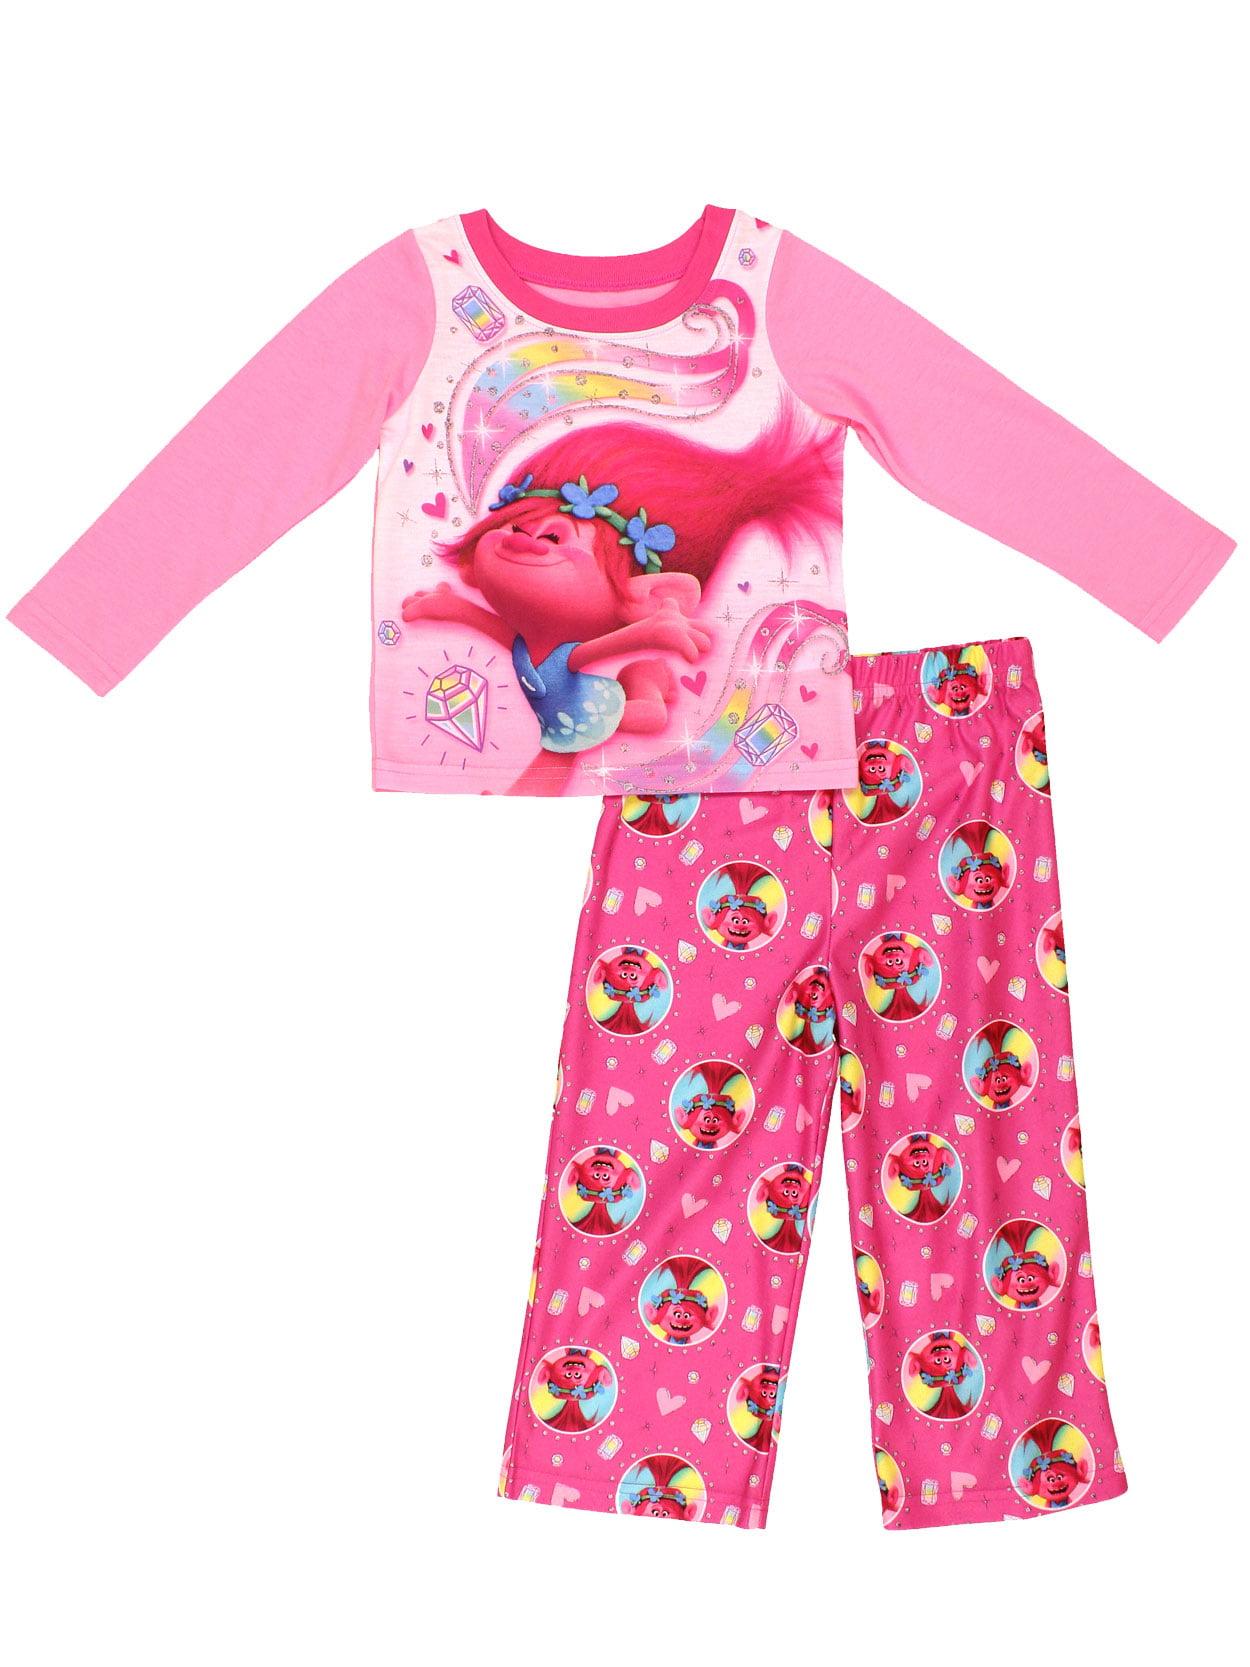 Official Licensed Girls Trolls Poppy Purple Fleece All In One Bodysuit Pyjamas